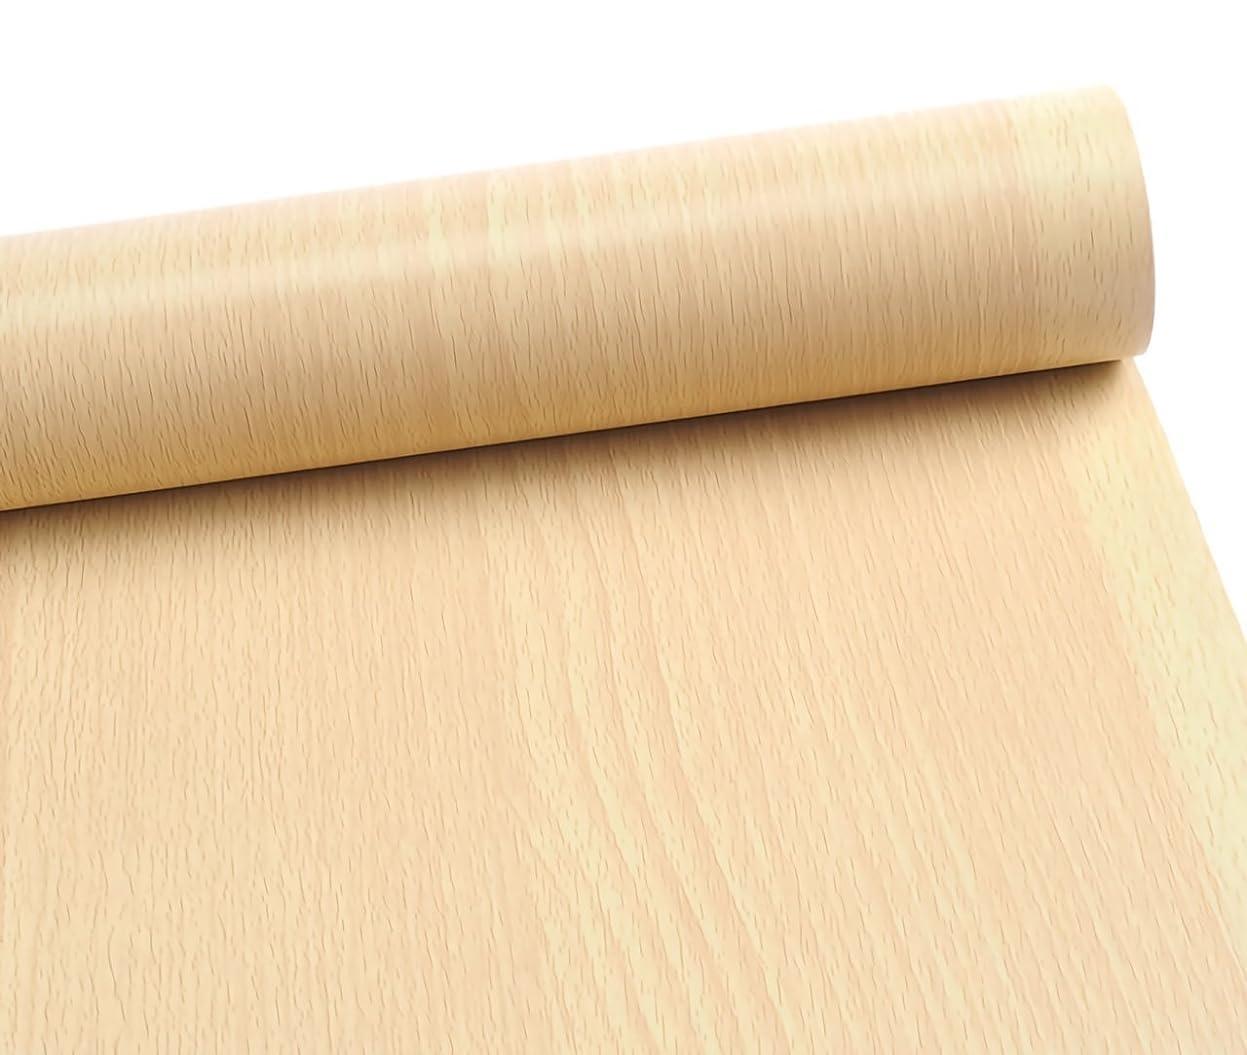 行商人教育かけるMoana Mahana(モアナマハナ) 簡単 リフォーム 壁紙 木目 ウォールステッカー クロス はがせる 防水 リメイク シール 45cm×10m (木目調 ナチュラル)